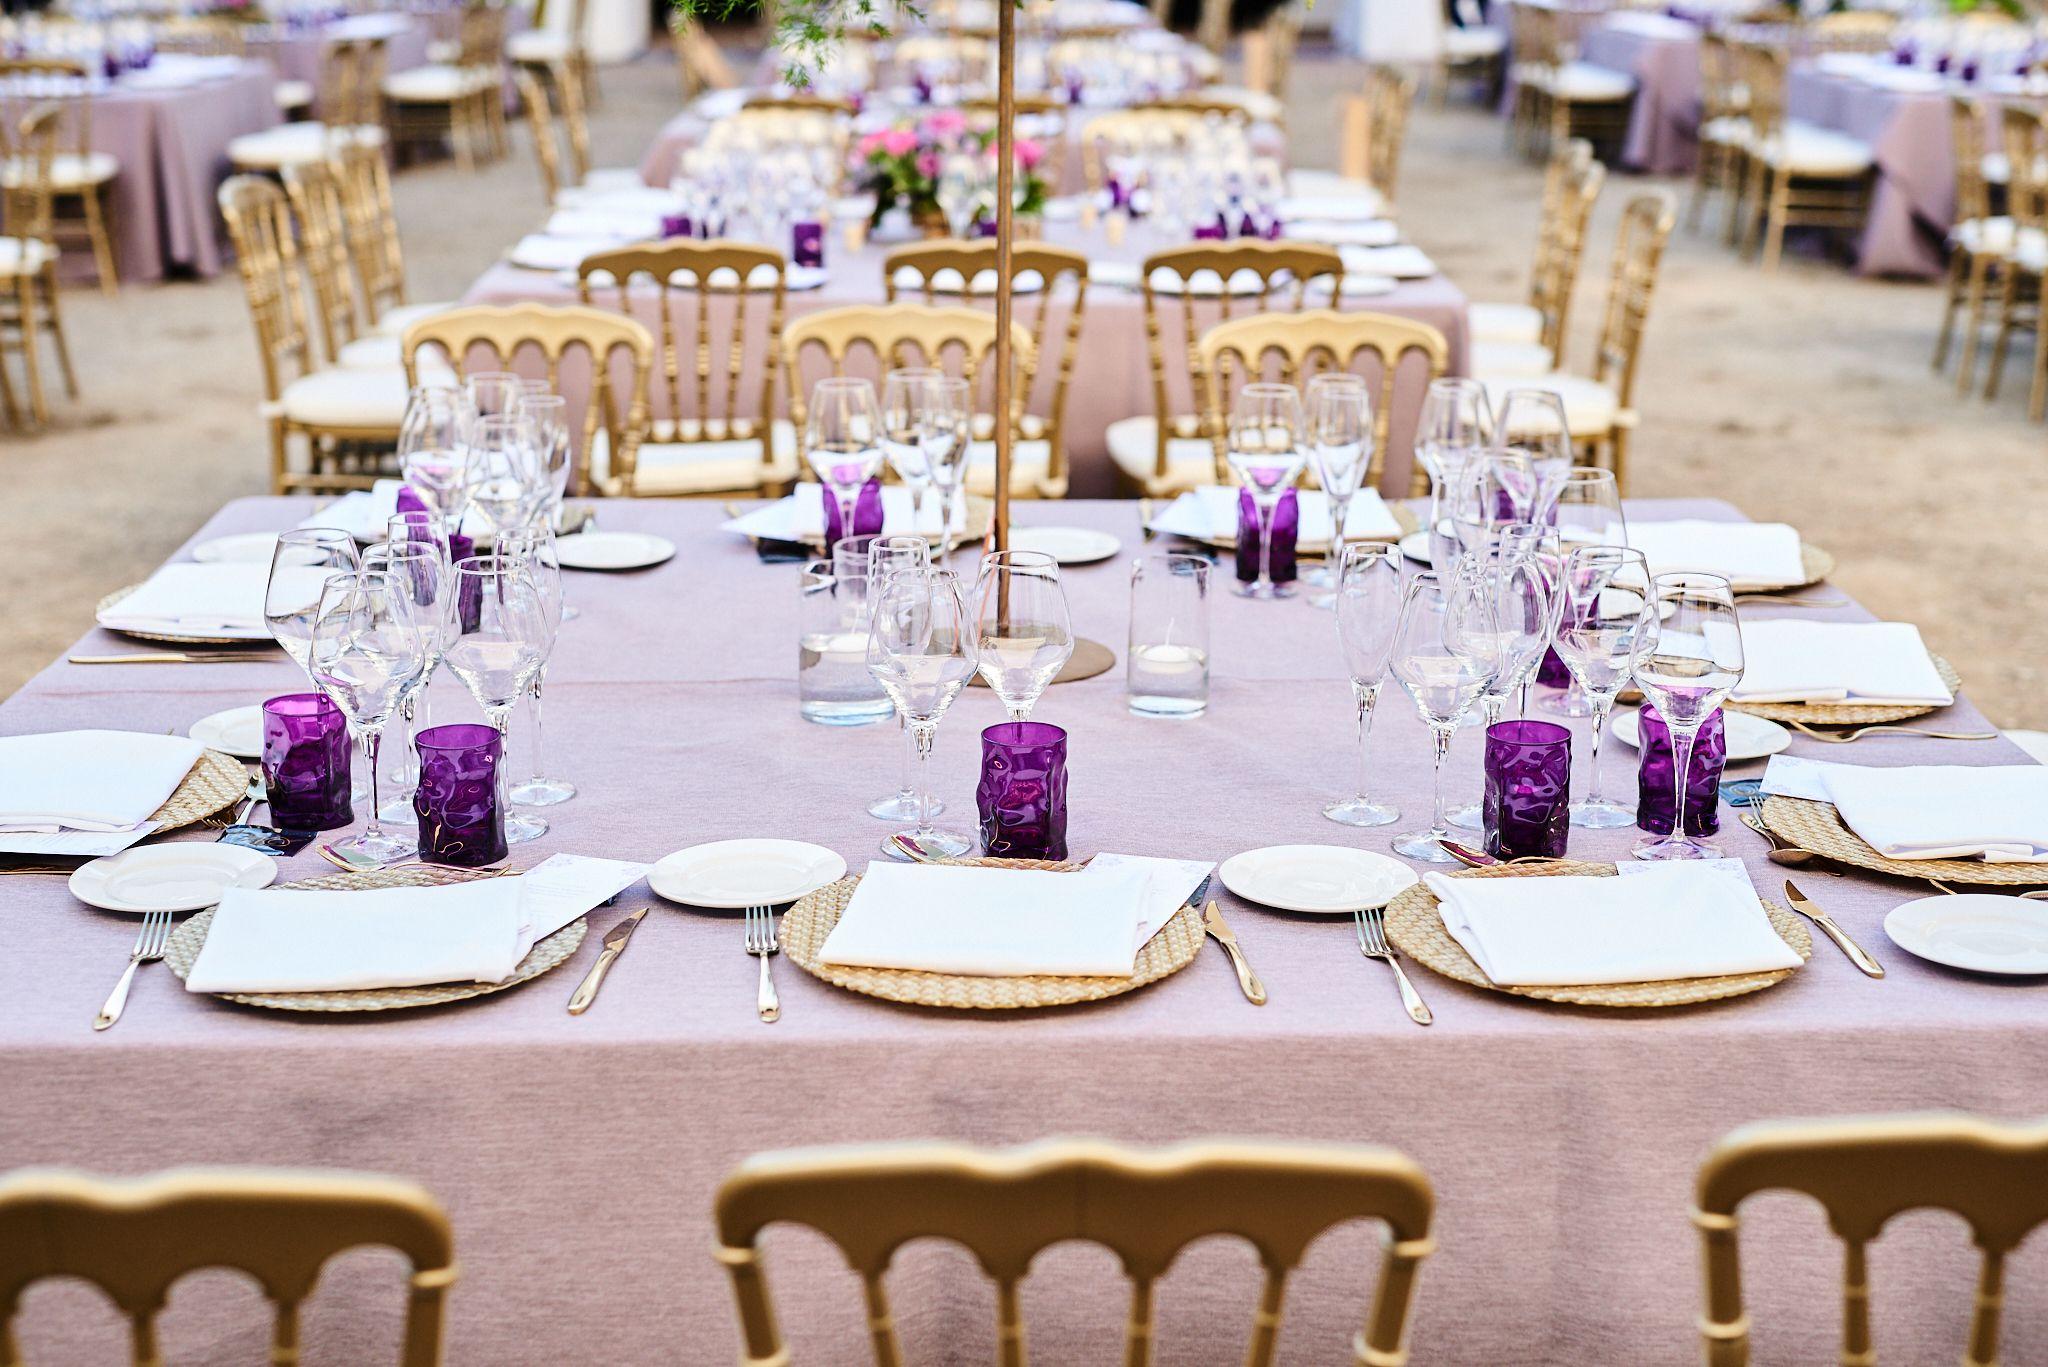 La-22Destination-Wedding22-en-Moguer-de-Lauren-y-JosC3A9-Antonio-JoseAntonio-alejandromarmol1938.jpg